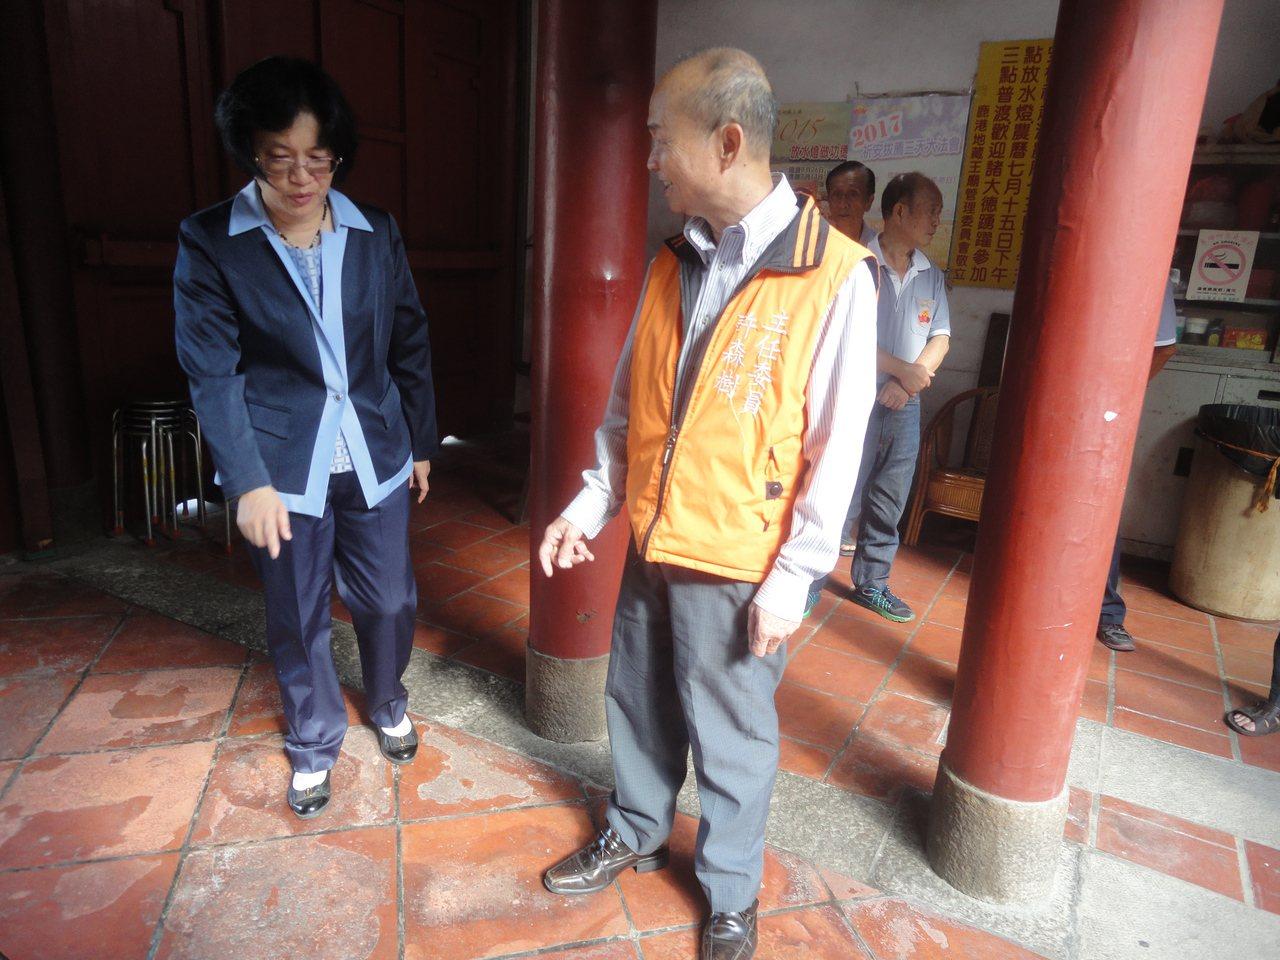 彰化縣鹿港地藏王廟的石板嚴重磨損。 記者簡慧珍/攝影